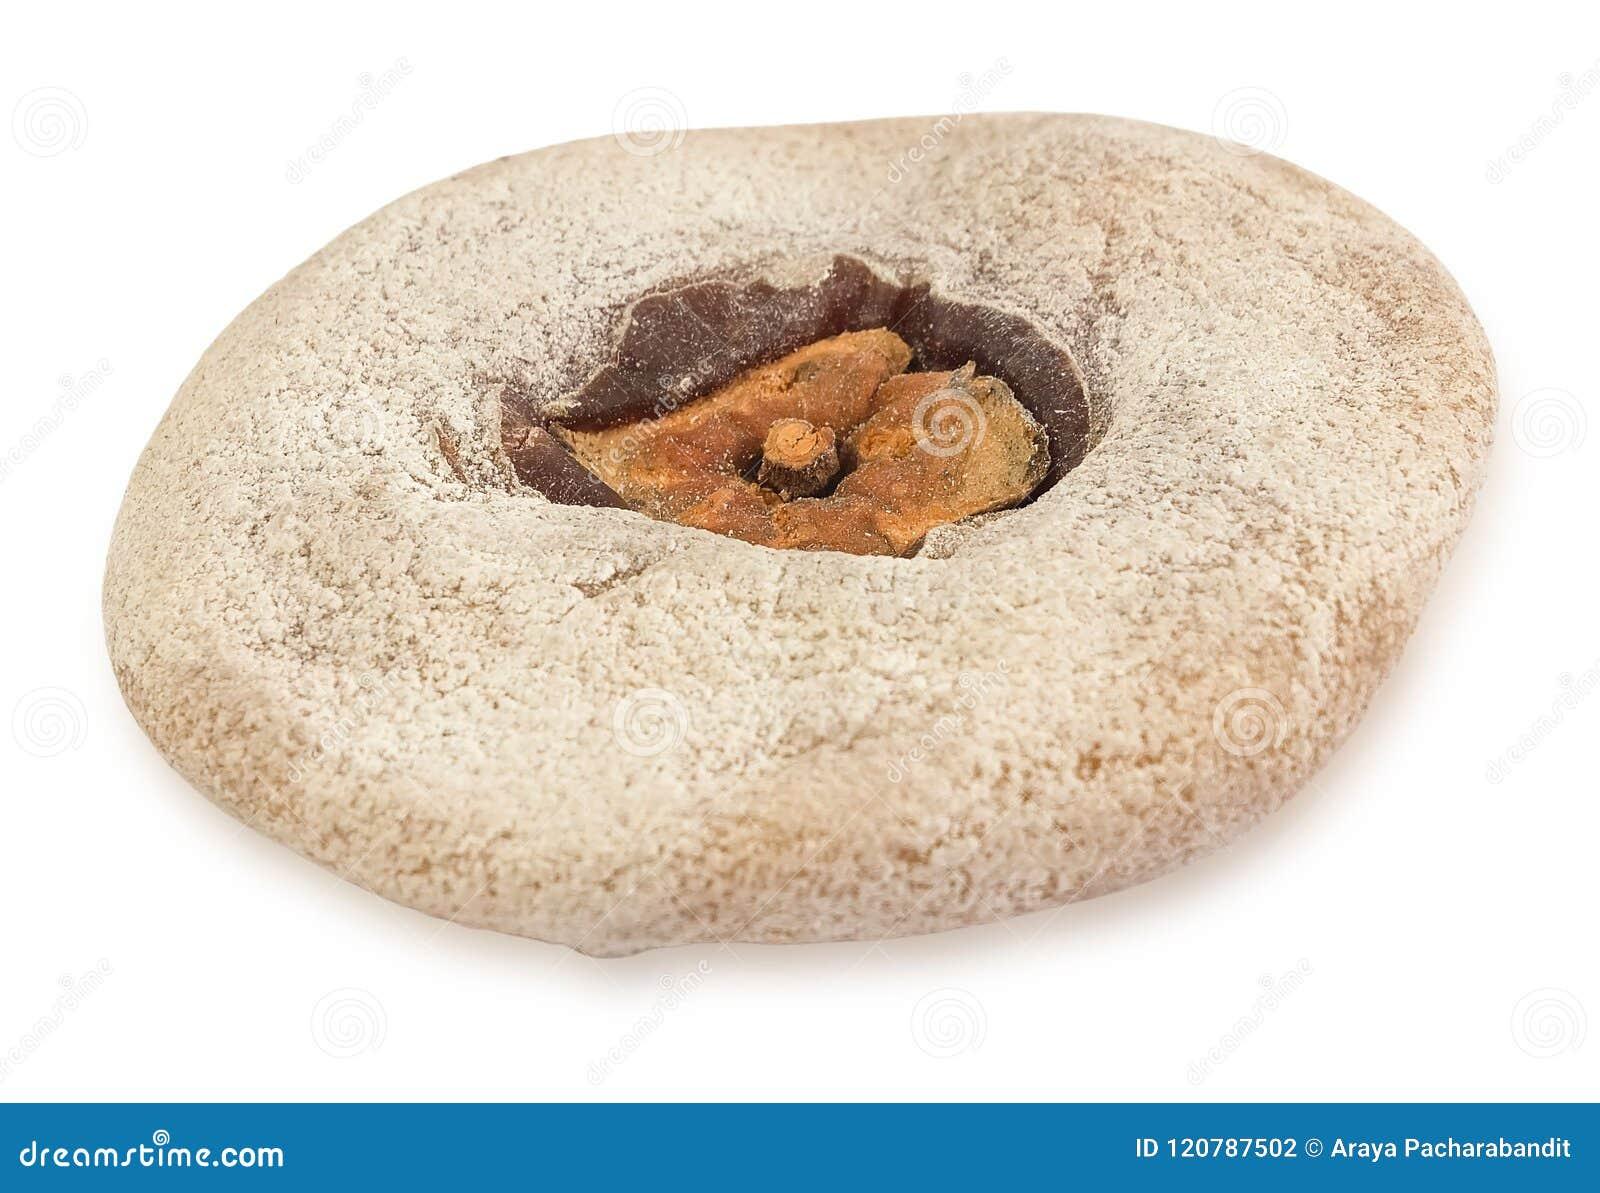 Dried Kaki Or Persimmon Fruits On White Background Stock Photo